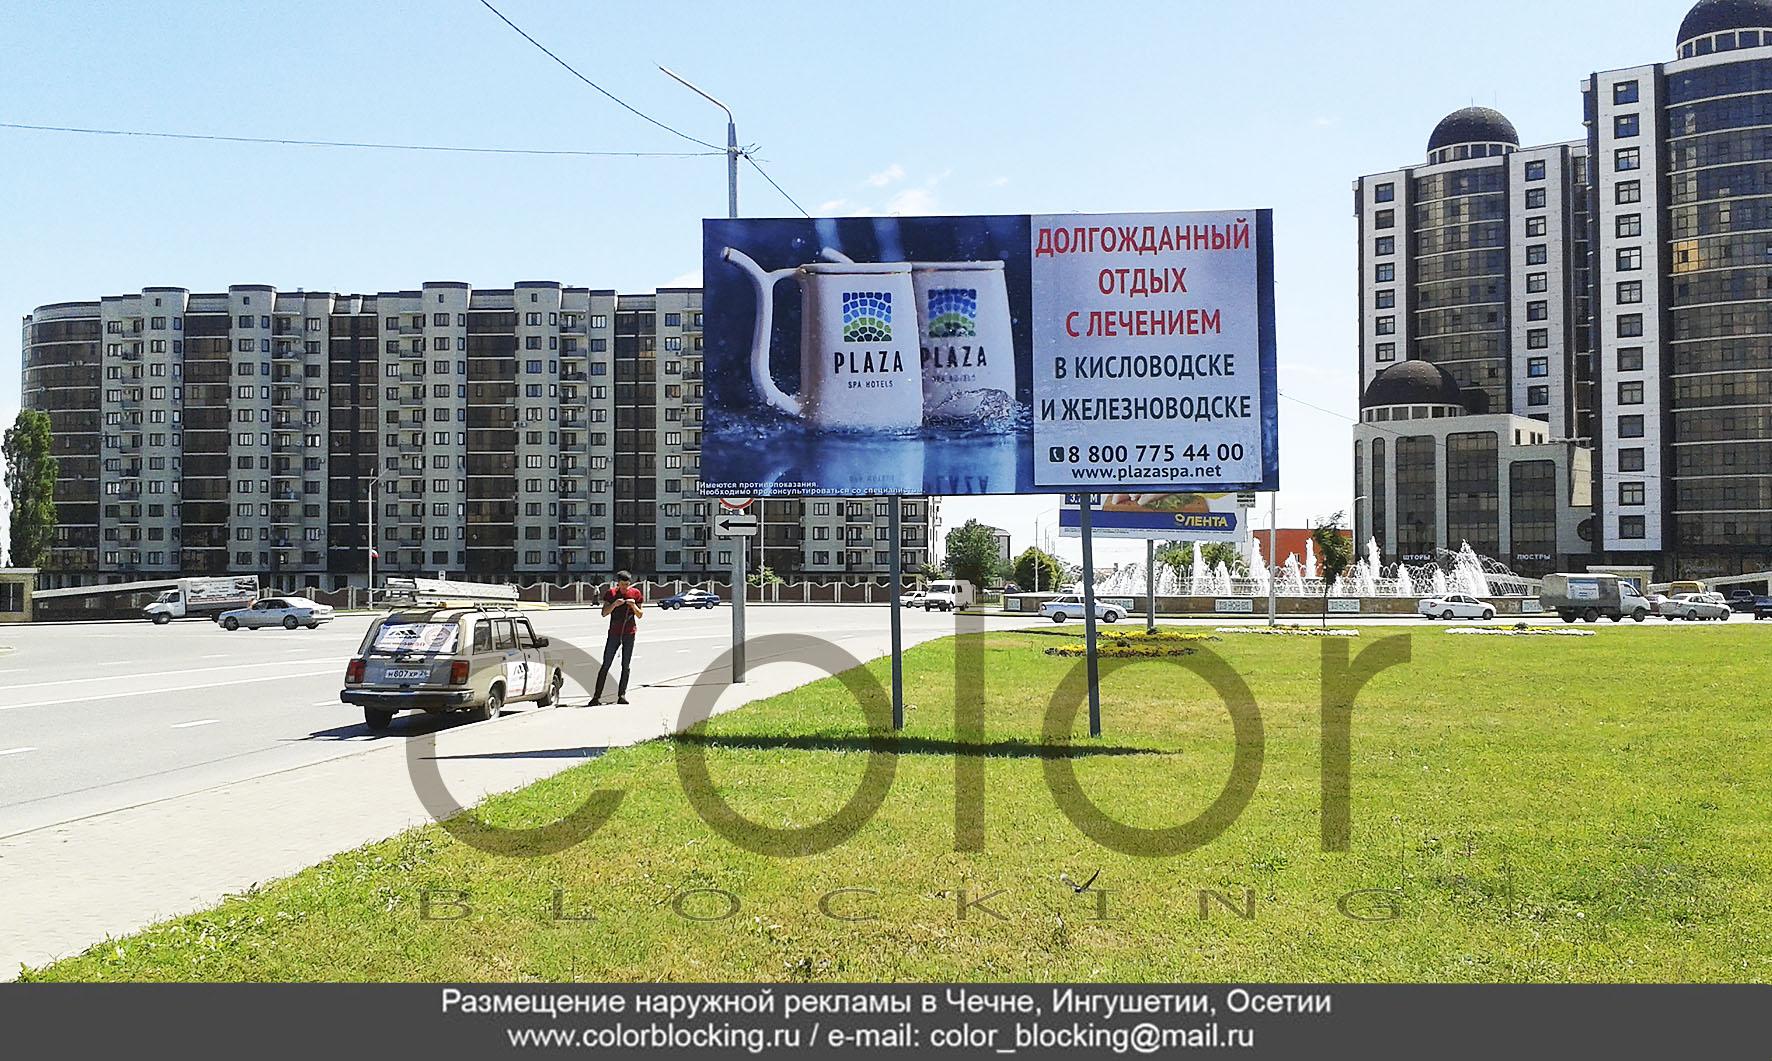 Реклама в центре Грозного 3х6